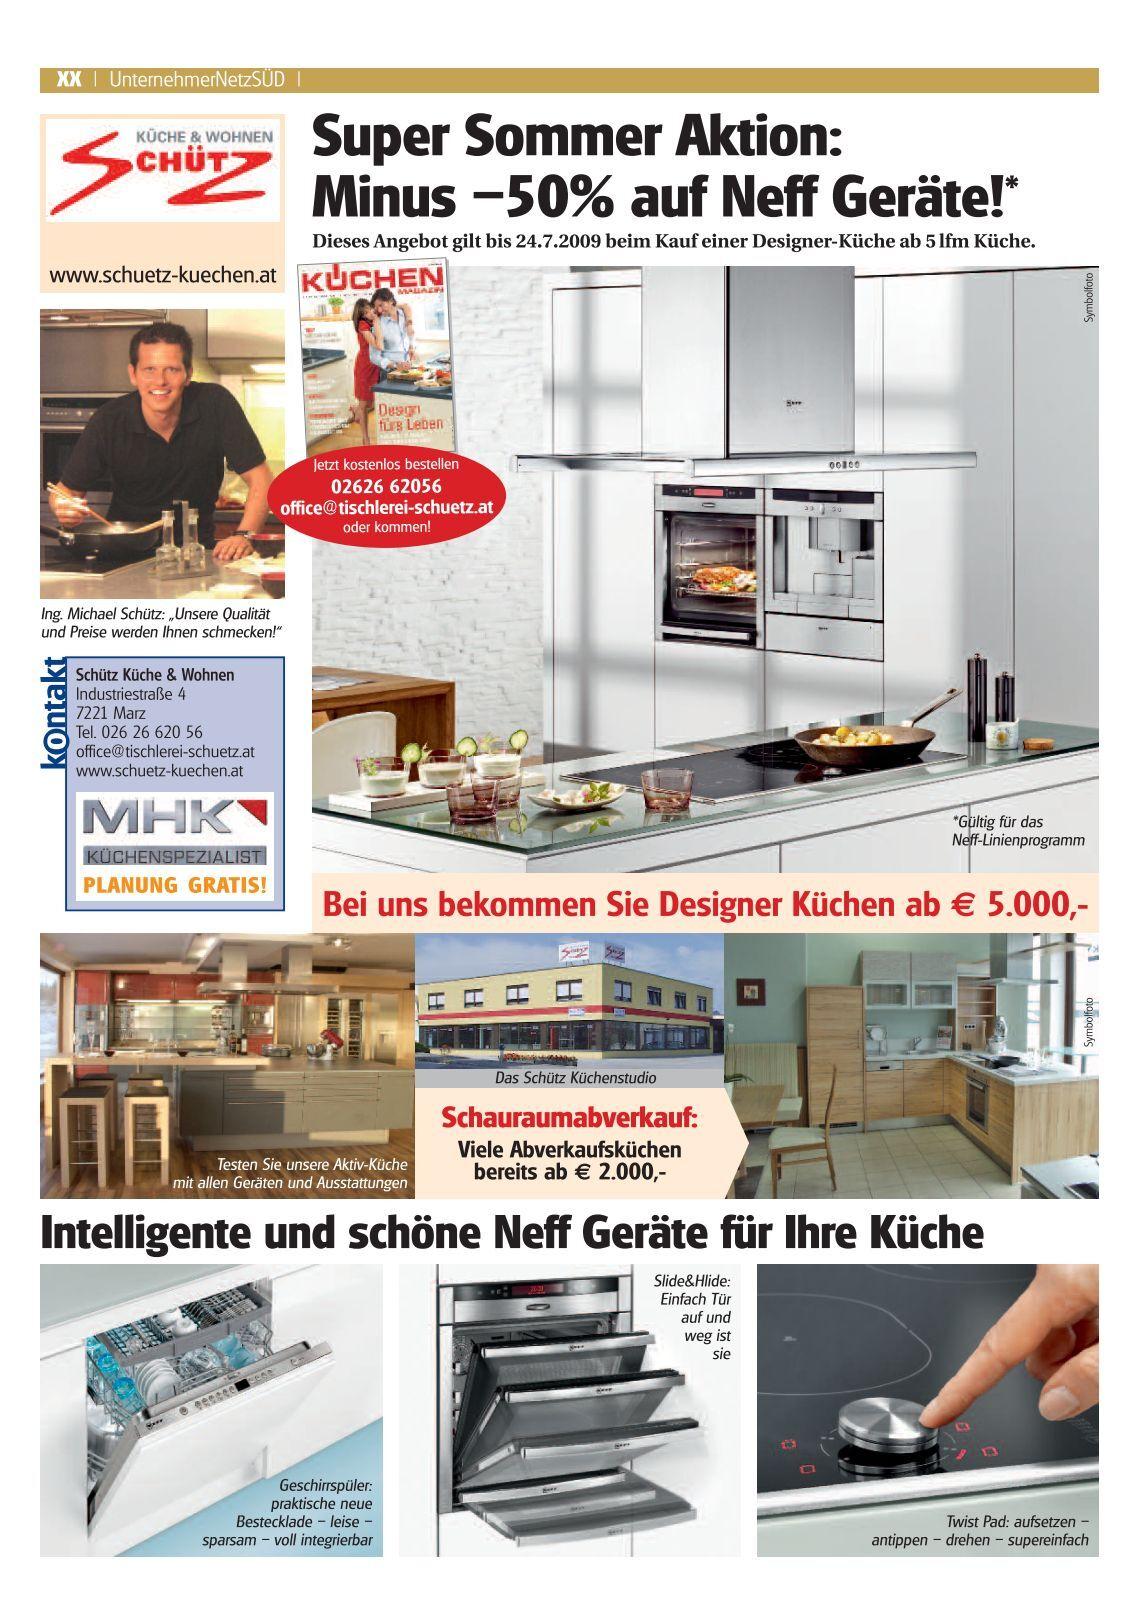 Kuchenblock Aktion ~ poipuview.com | {Küchenblock aktion 6}